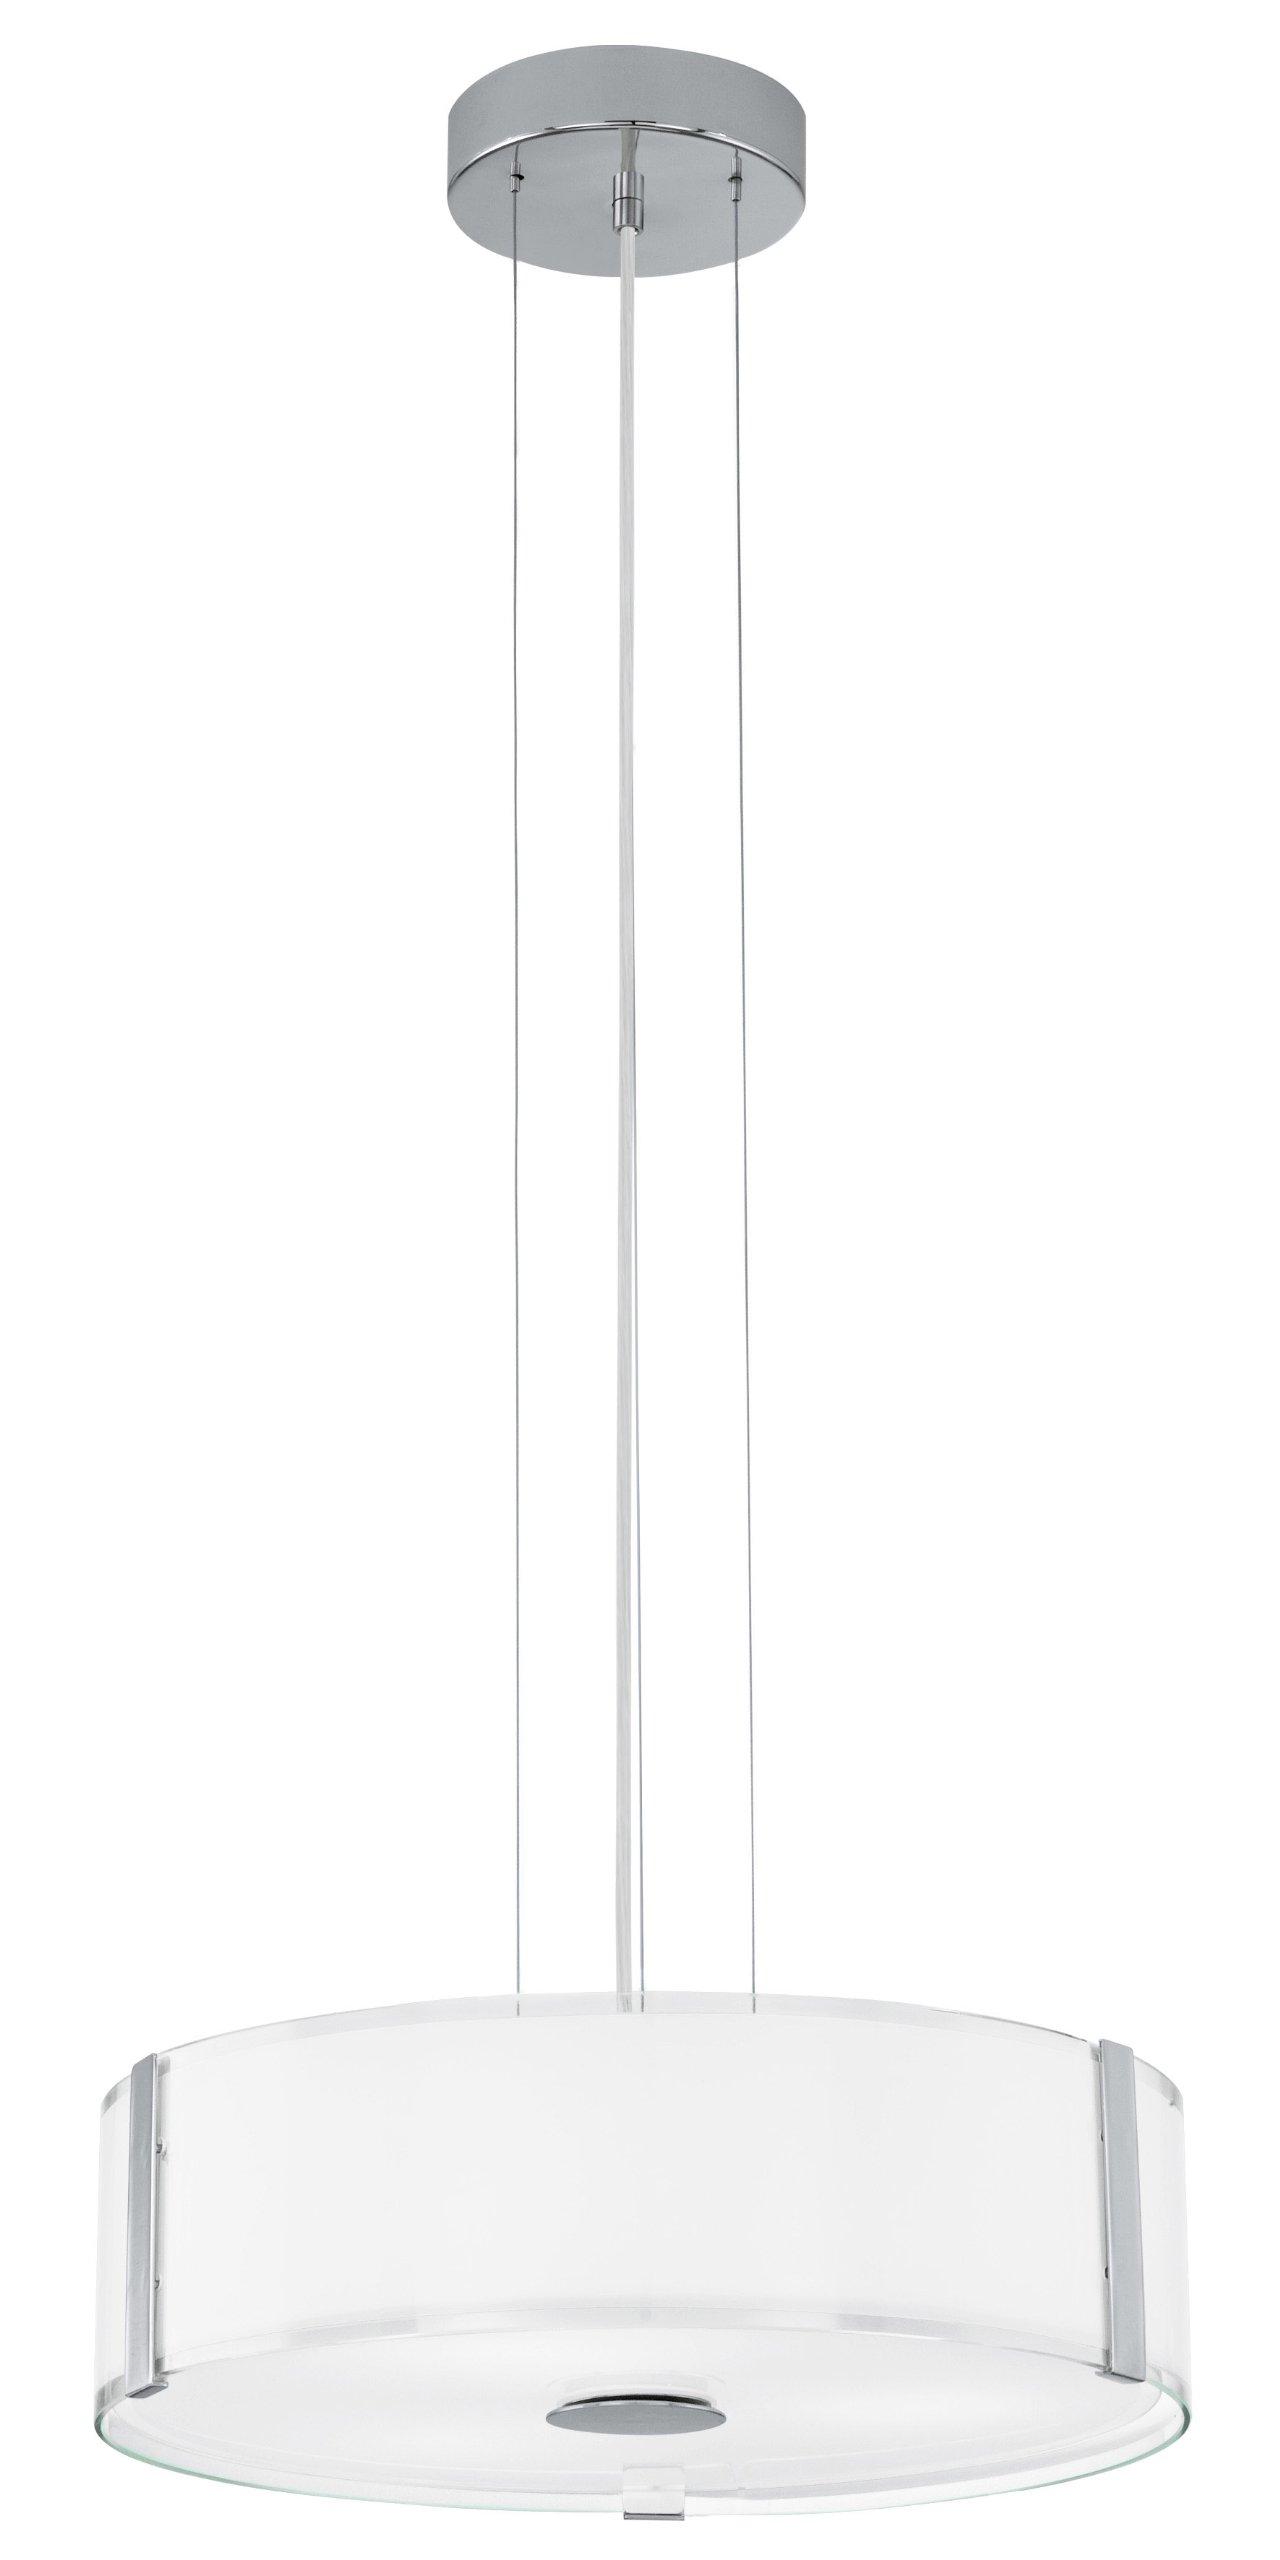 Eglo 91255A Varano Pendant Light, Chrome